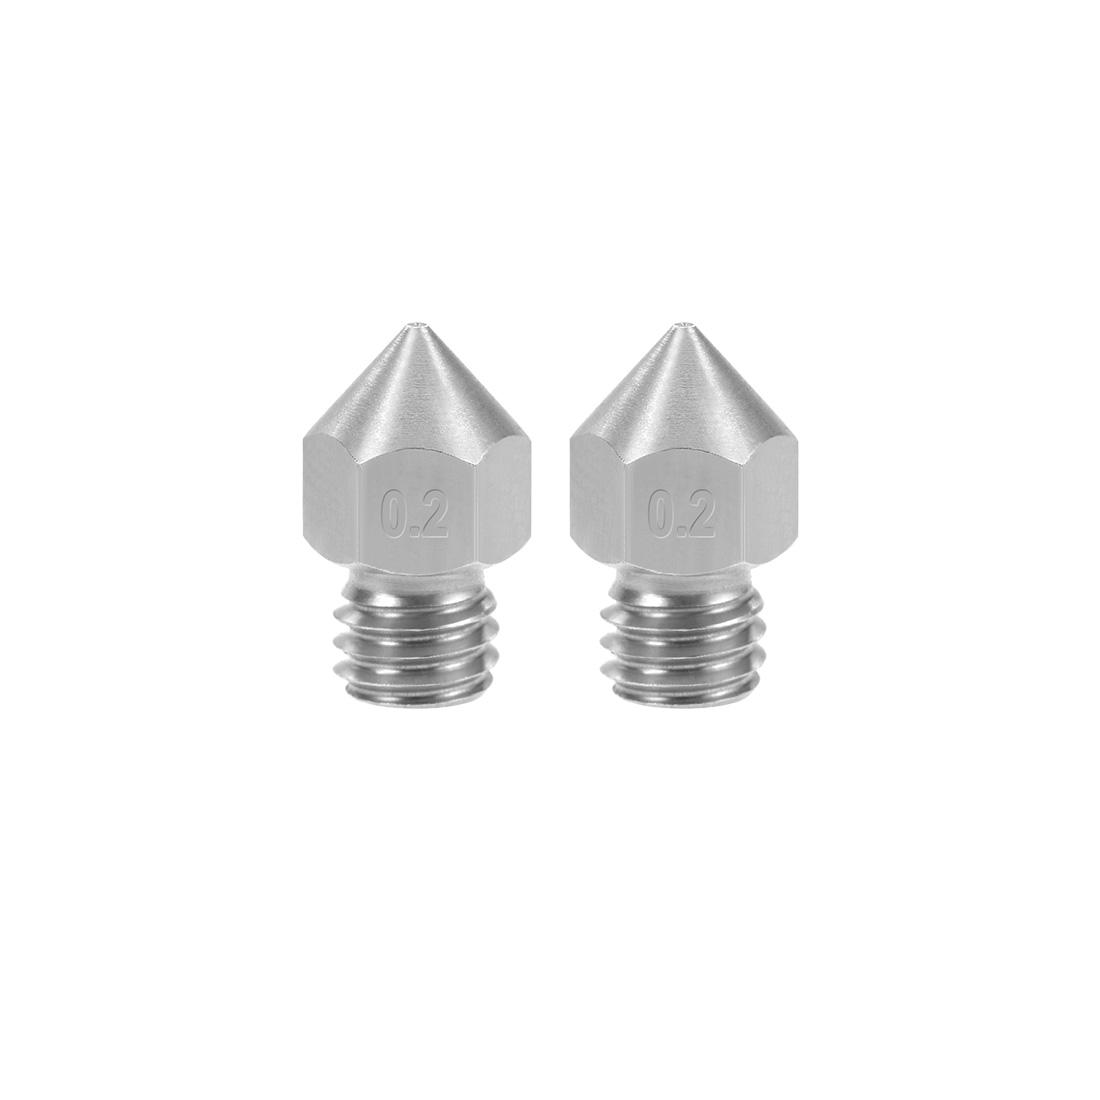 0.2mm 3D Printer Nozzle Head M6 Thread for MK8 1.75mm Extruder Print 2pcs